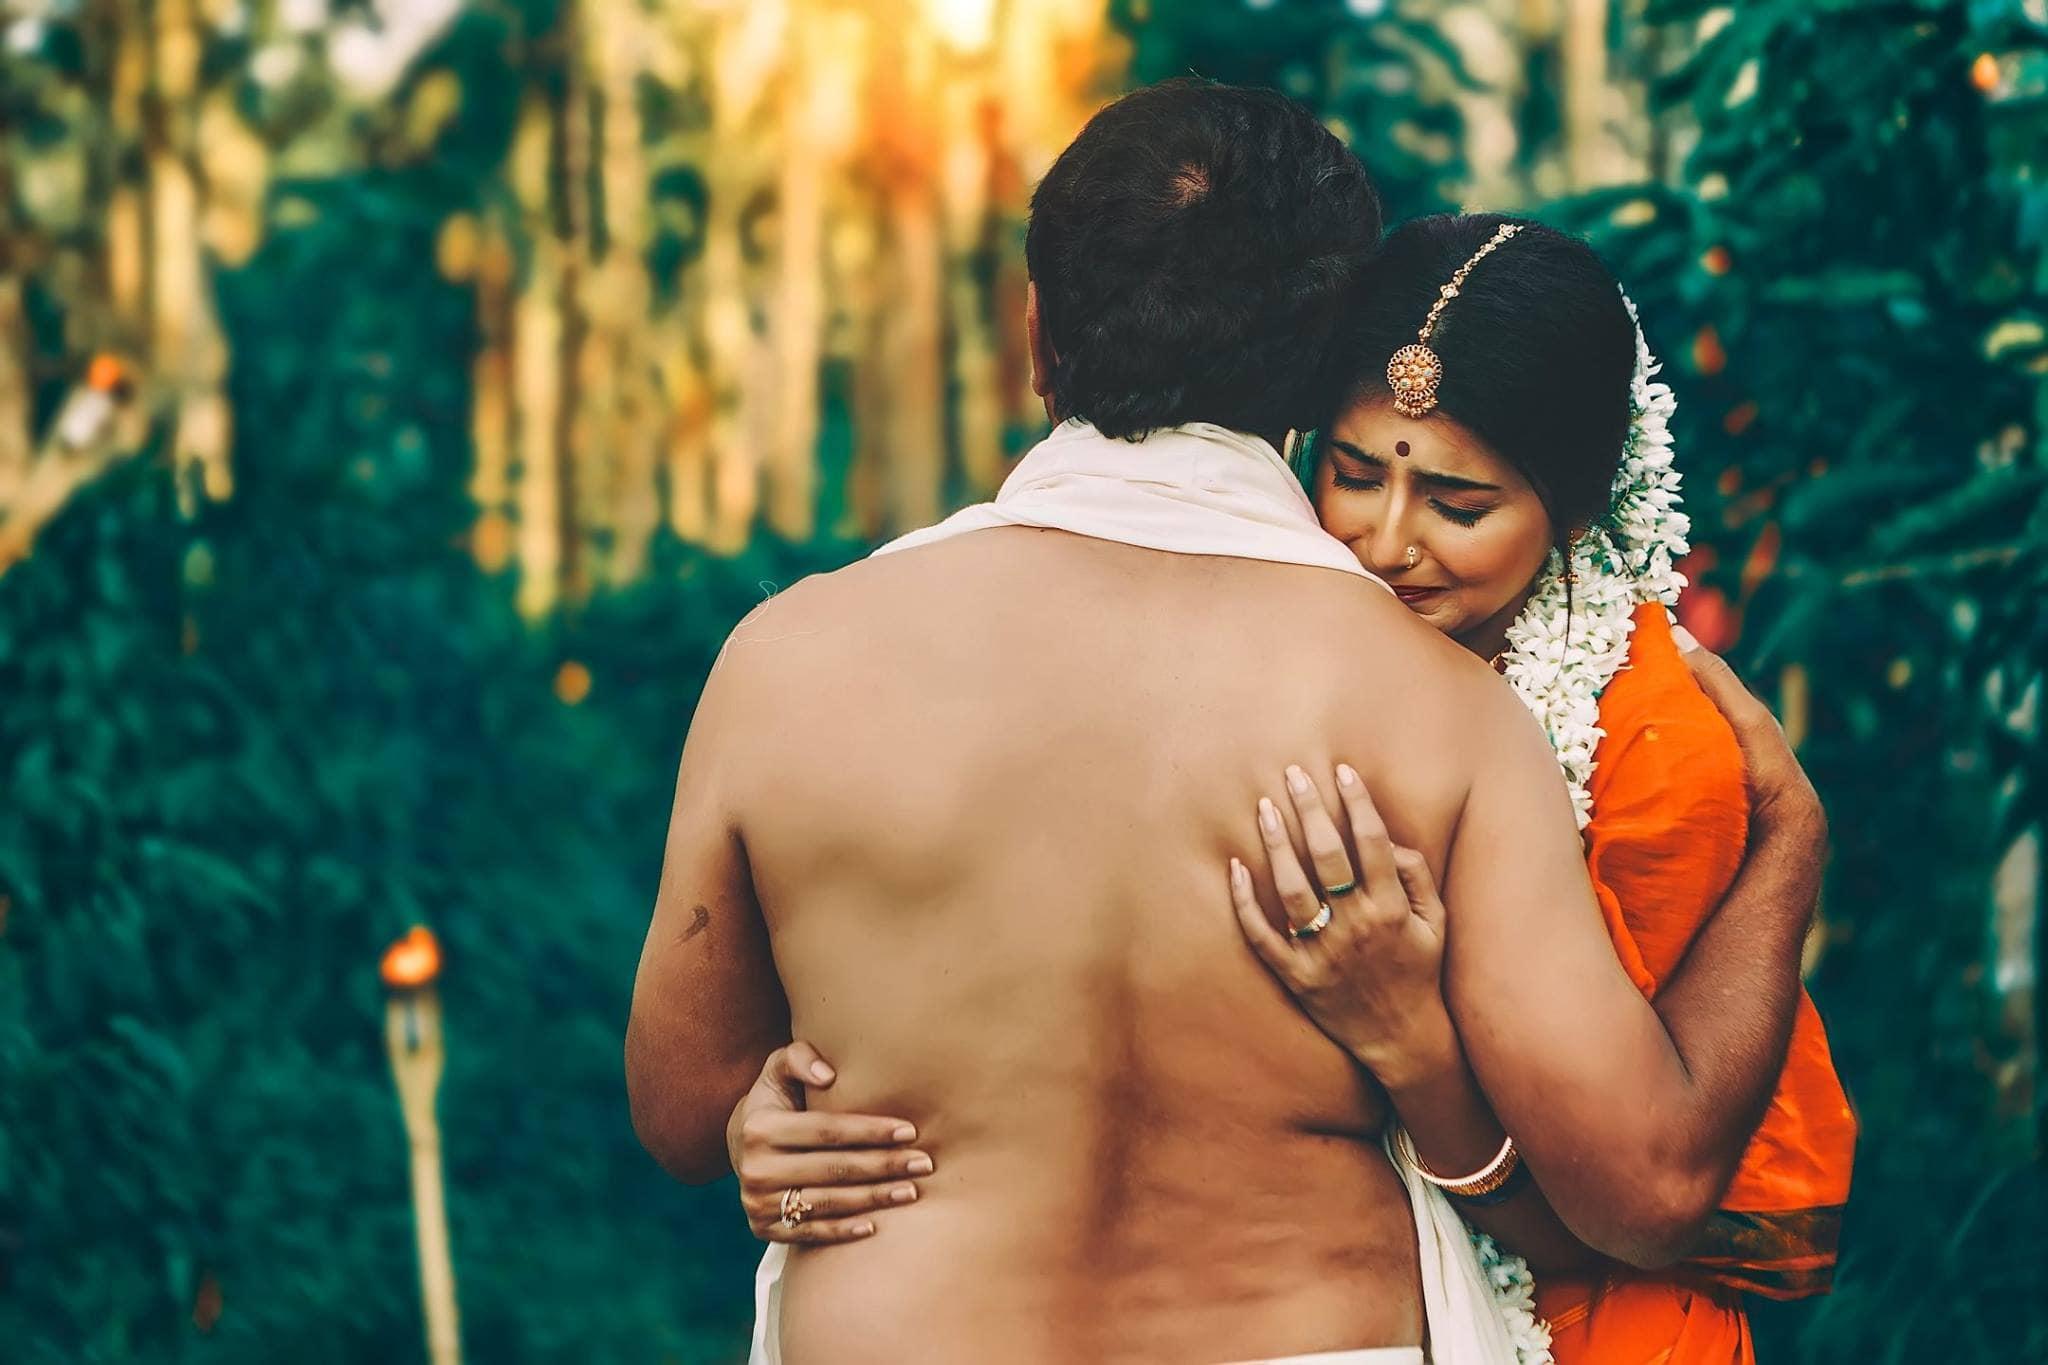 An-Award-winning-photo-story-Avani-By-Arjun-Kamath-7